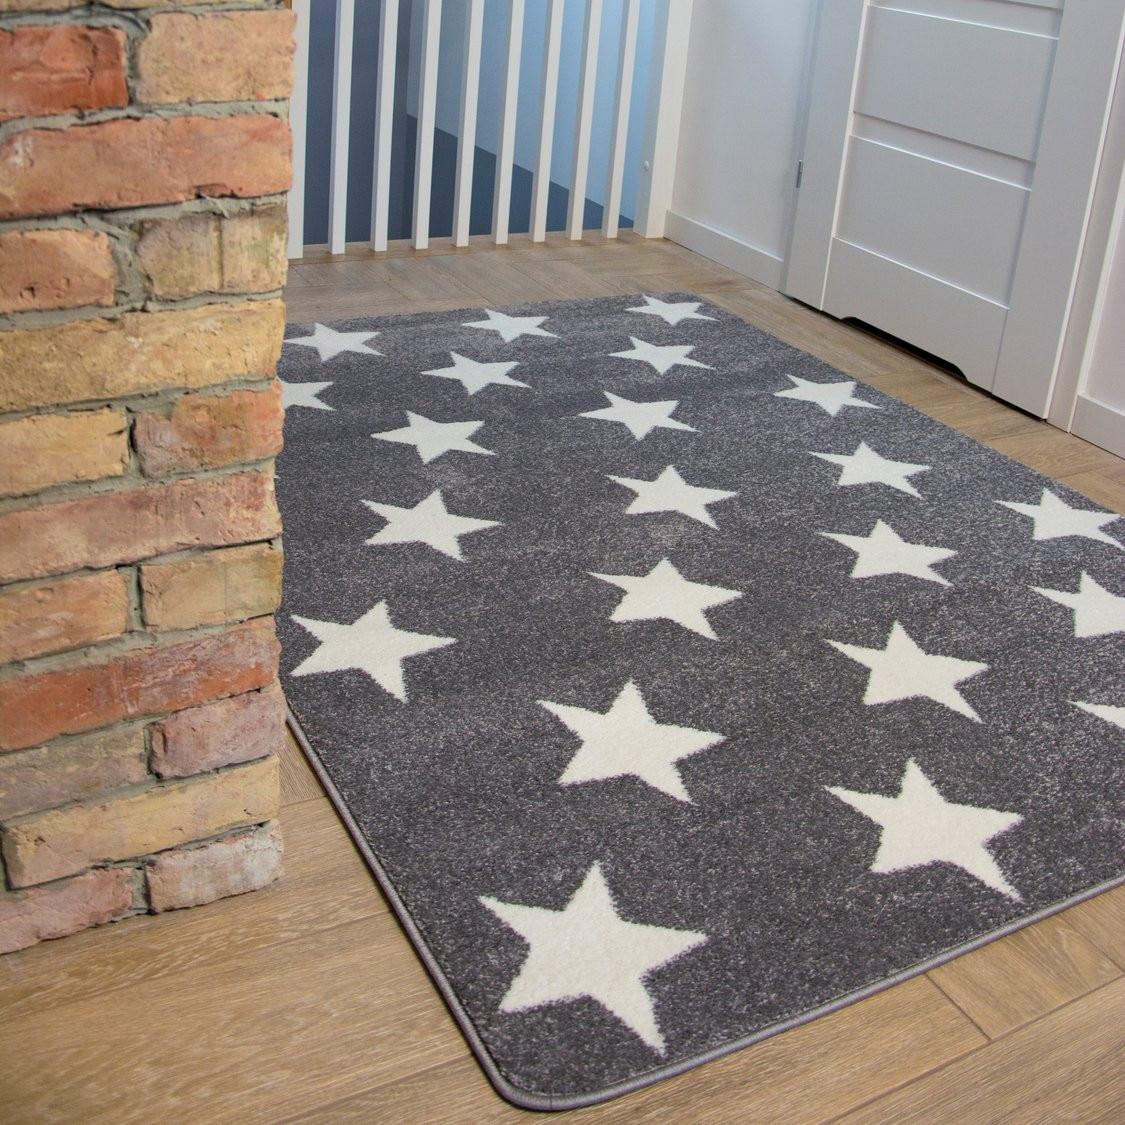 Dywan SKETCH FA68 szarobiały Gwiazdki Gwiazdy, 160x220 cm